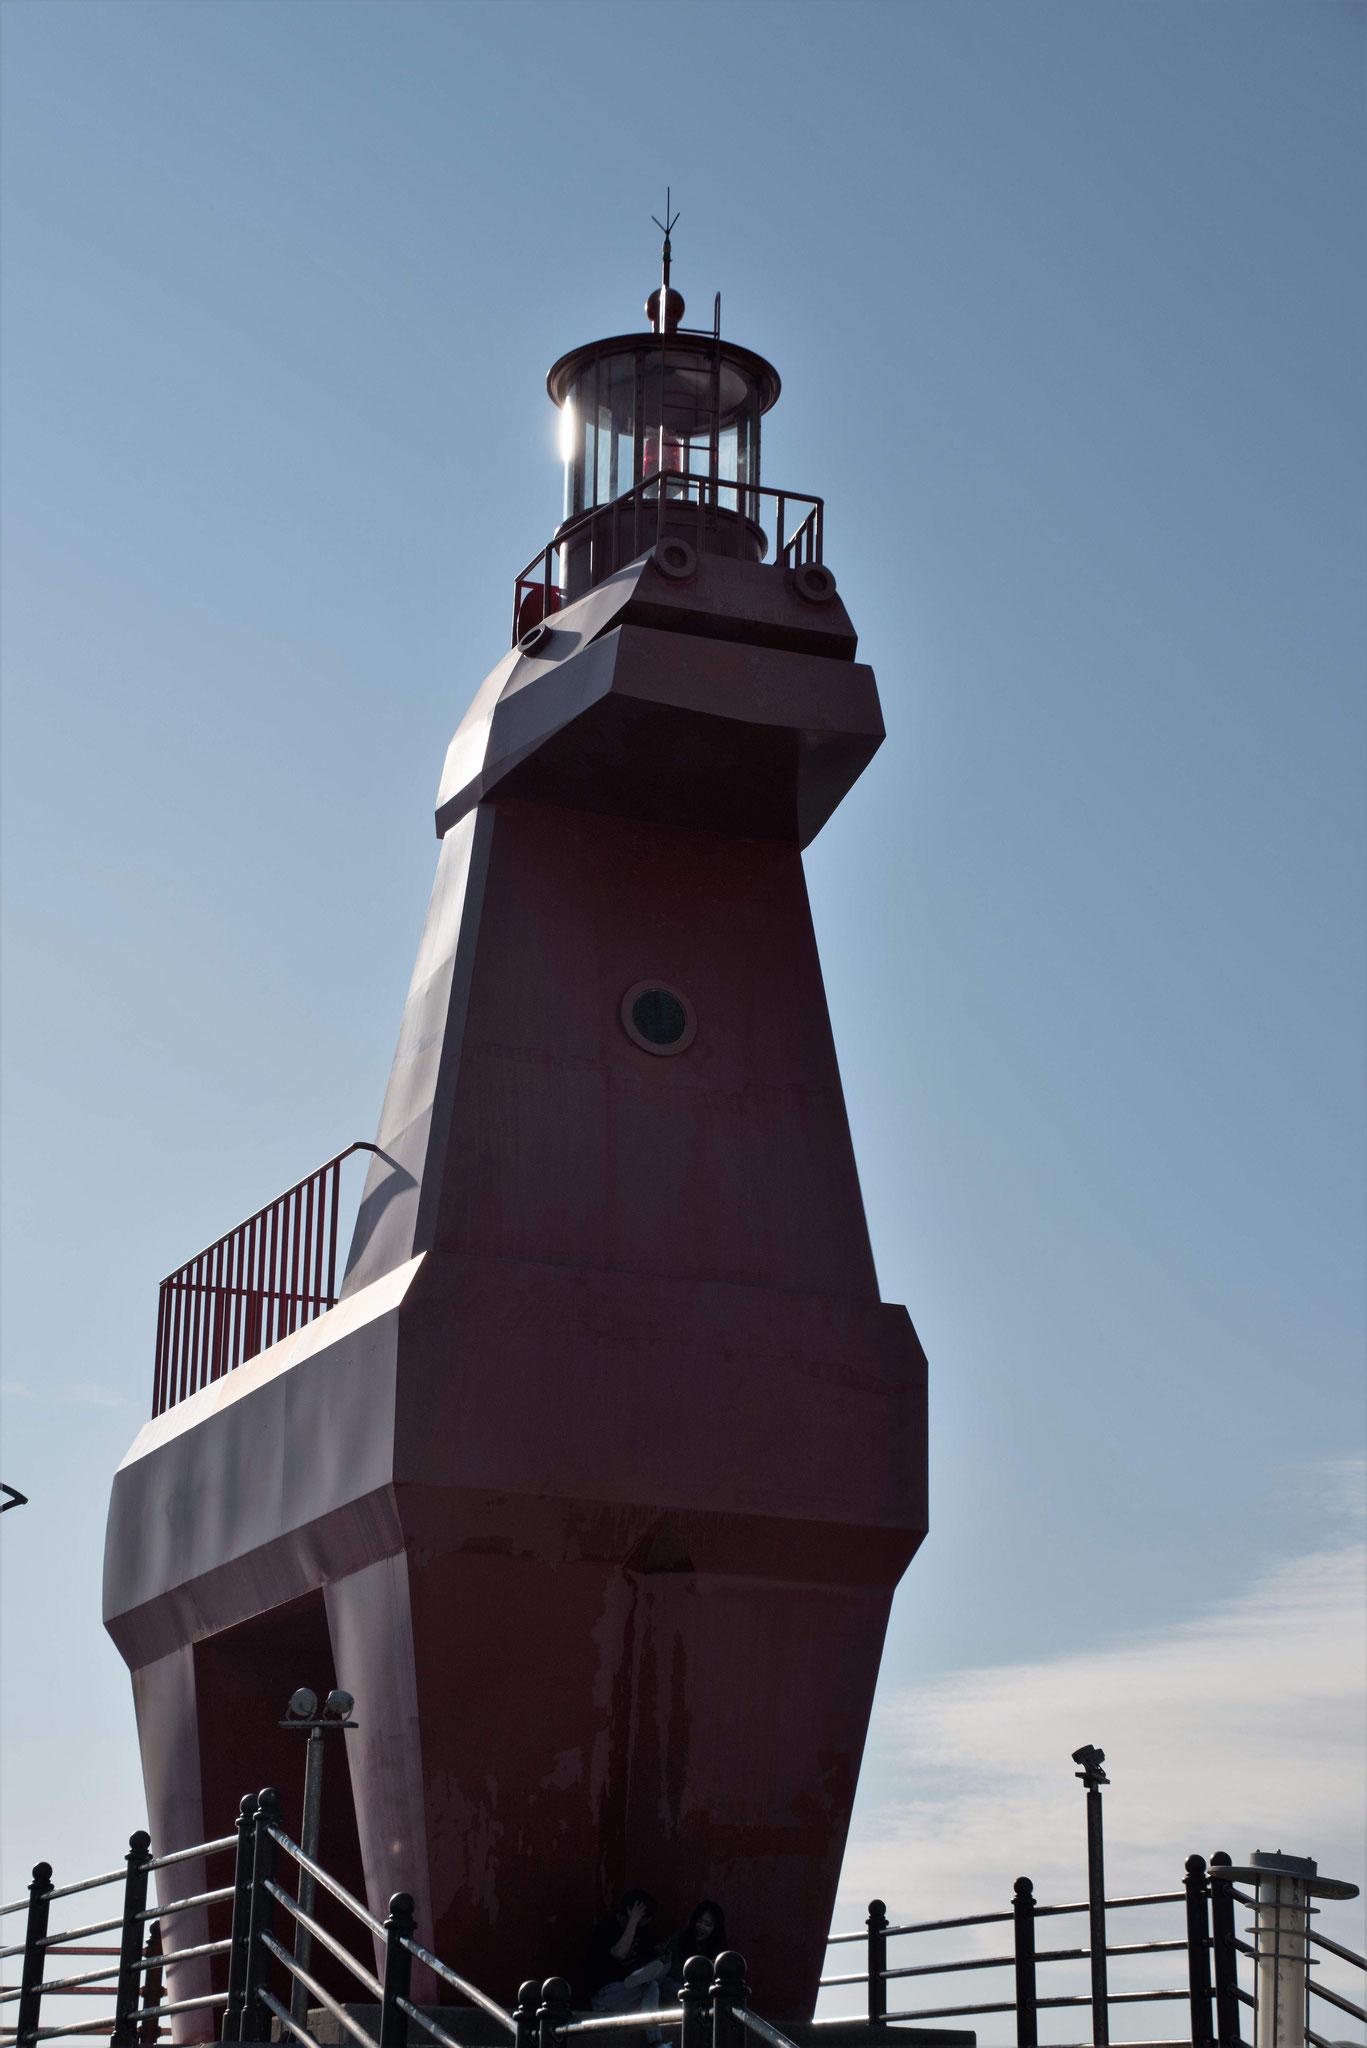 Rot angemalter Leuchtturm in Pferdeform